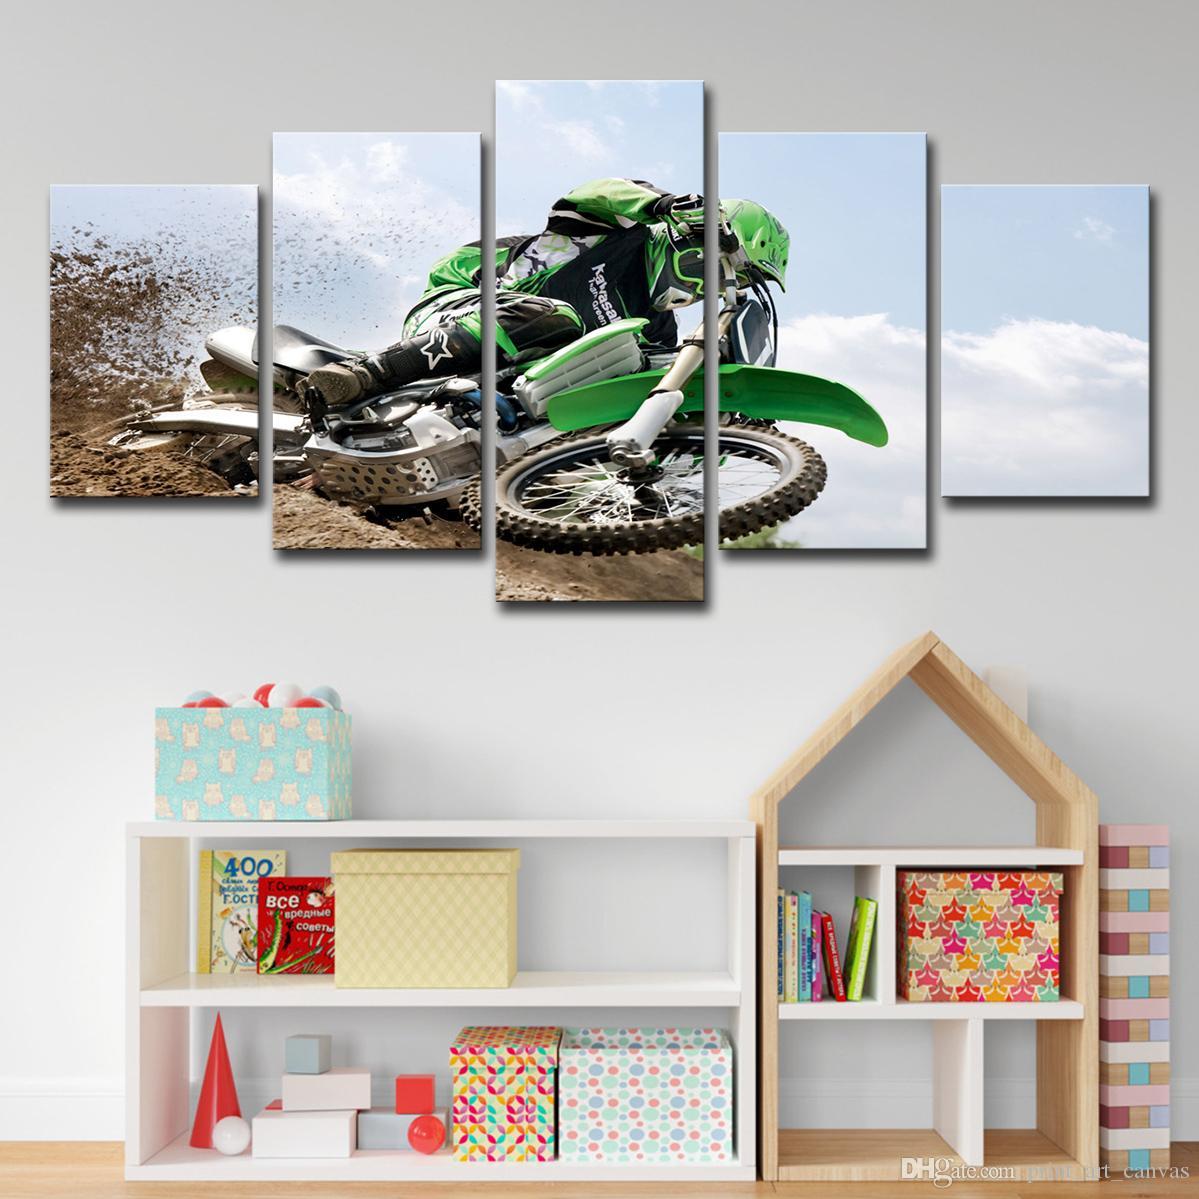 Холст HD печатных настенная живопись Современный Для гостиной плакат 5 шт. мотокросс предел масло картинки Home Decor